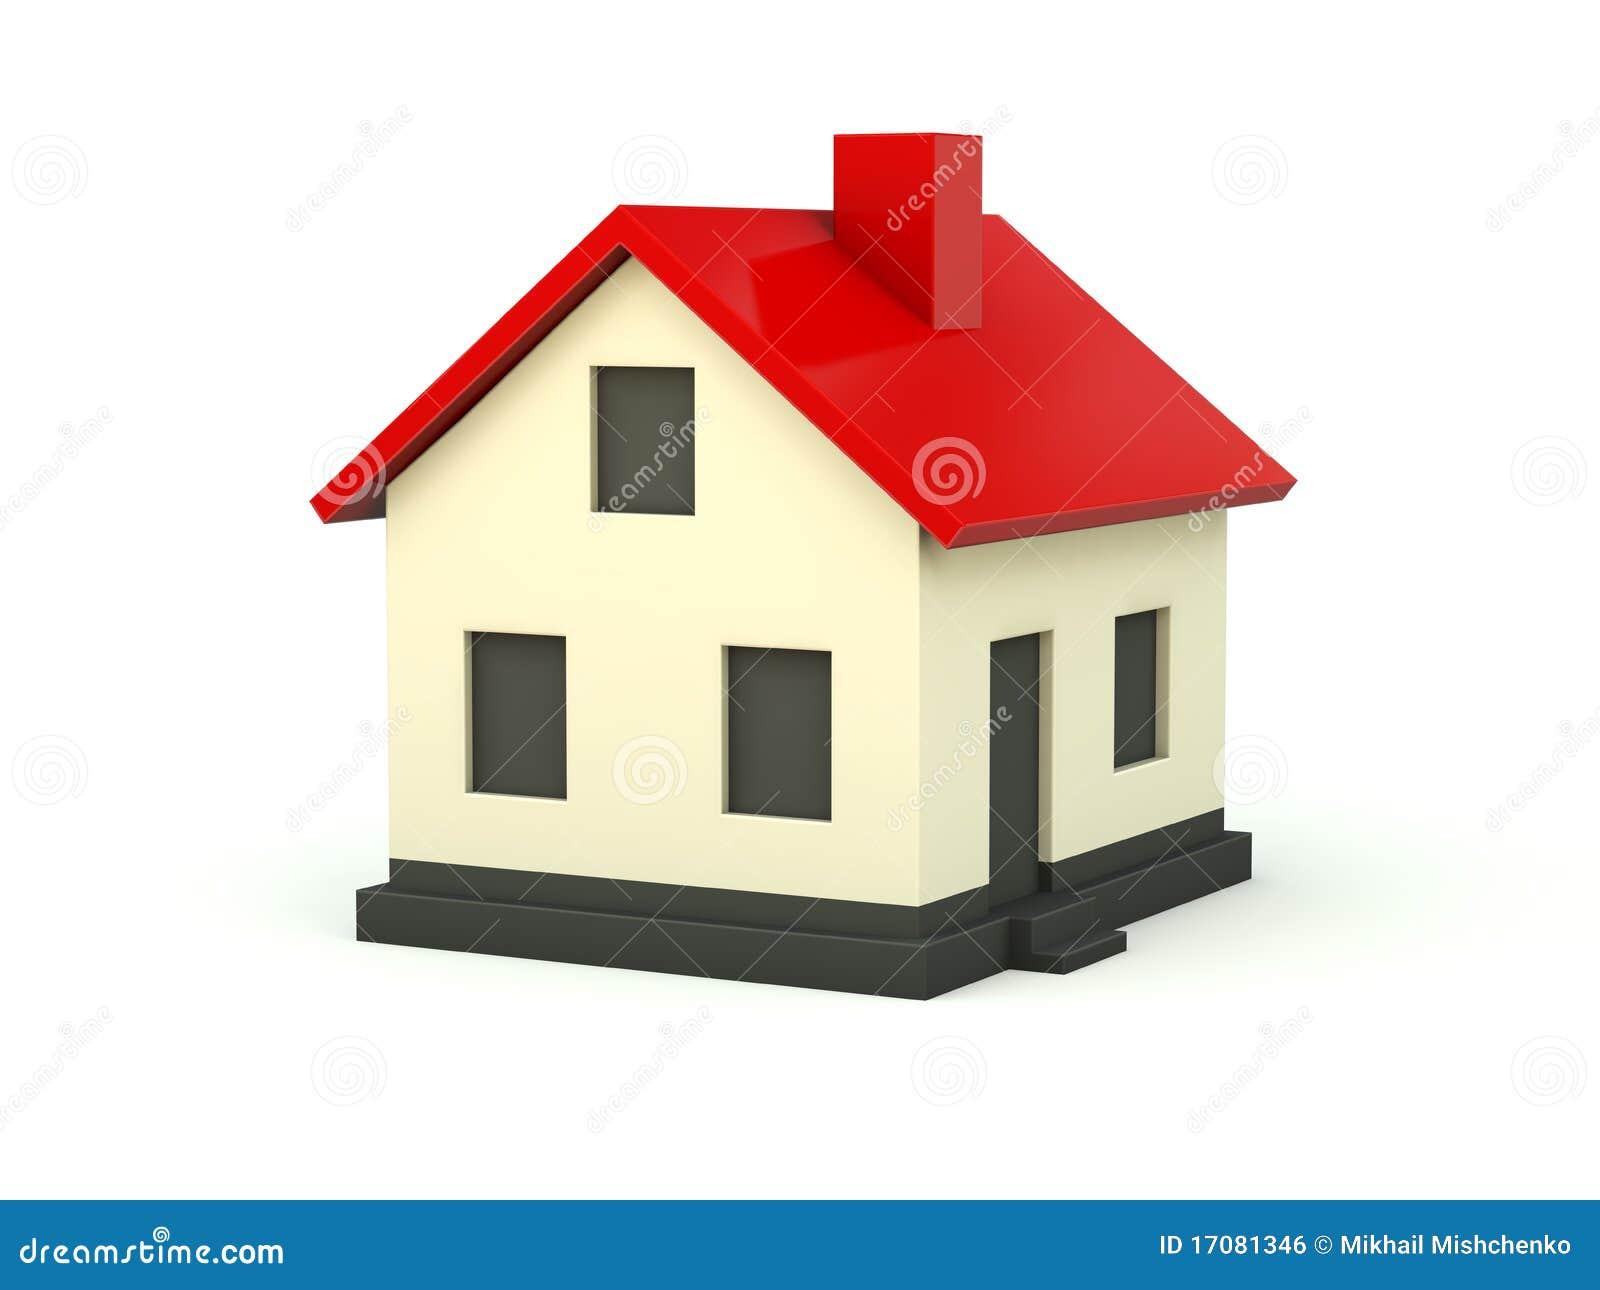 haus mit rotem dach stock abbildung illustration von zustand 17081346. Black Bedroom Furniture Sets. Home Design Ideas